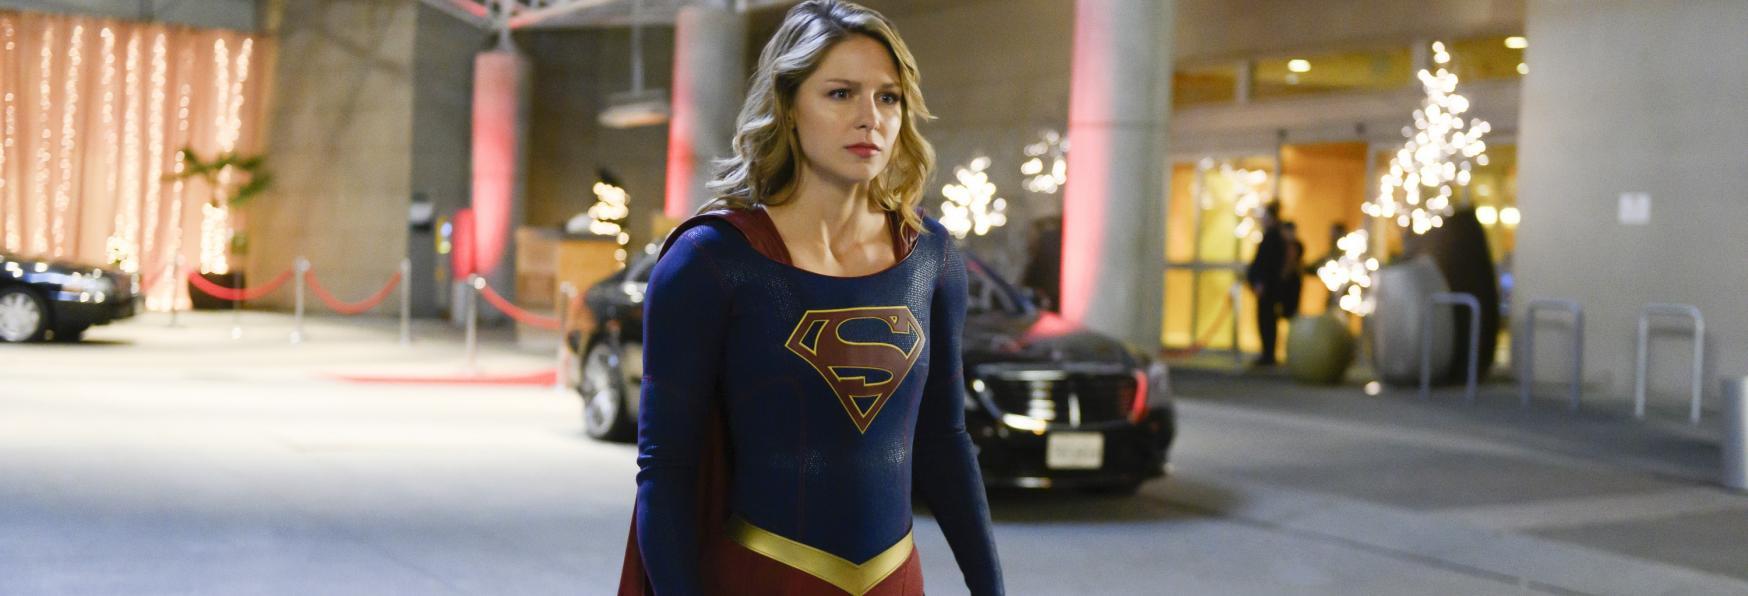 Supergirl 6: Rilasciata la Sinossi del Terzo Episodio dell'Ultima Stagione